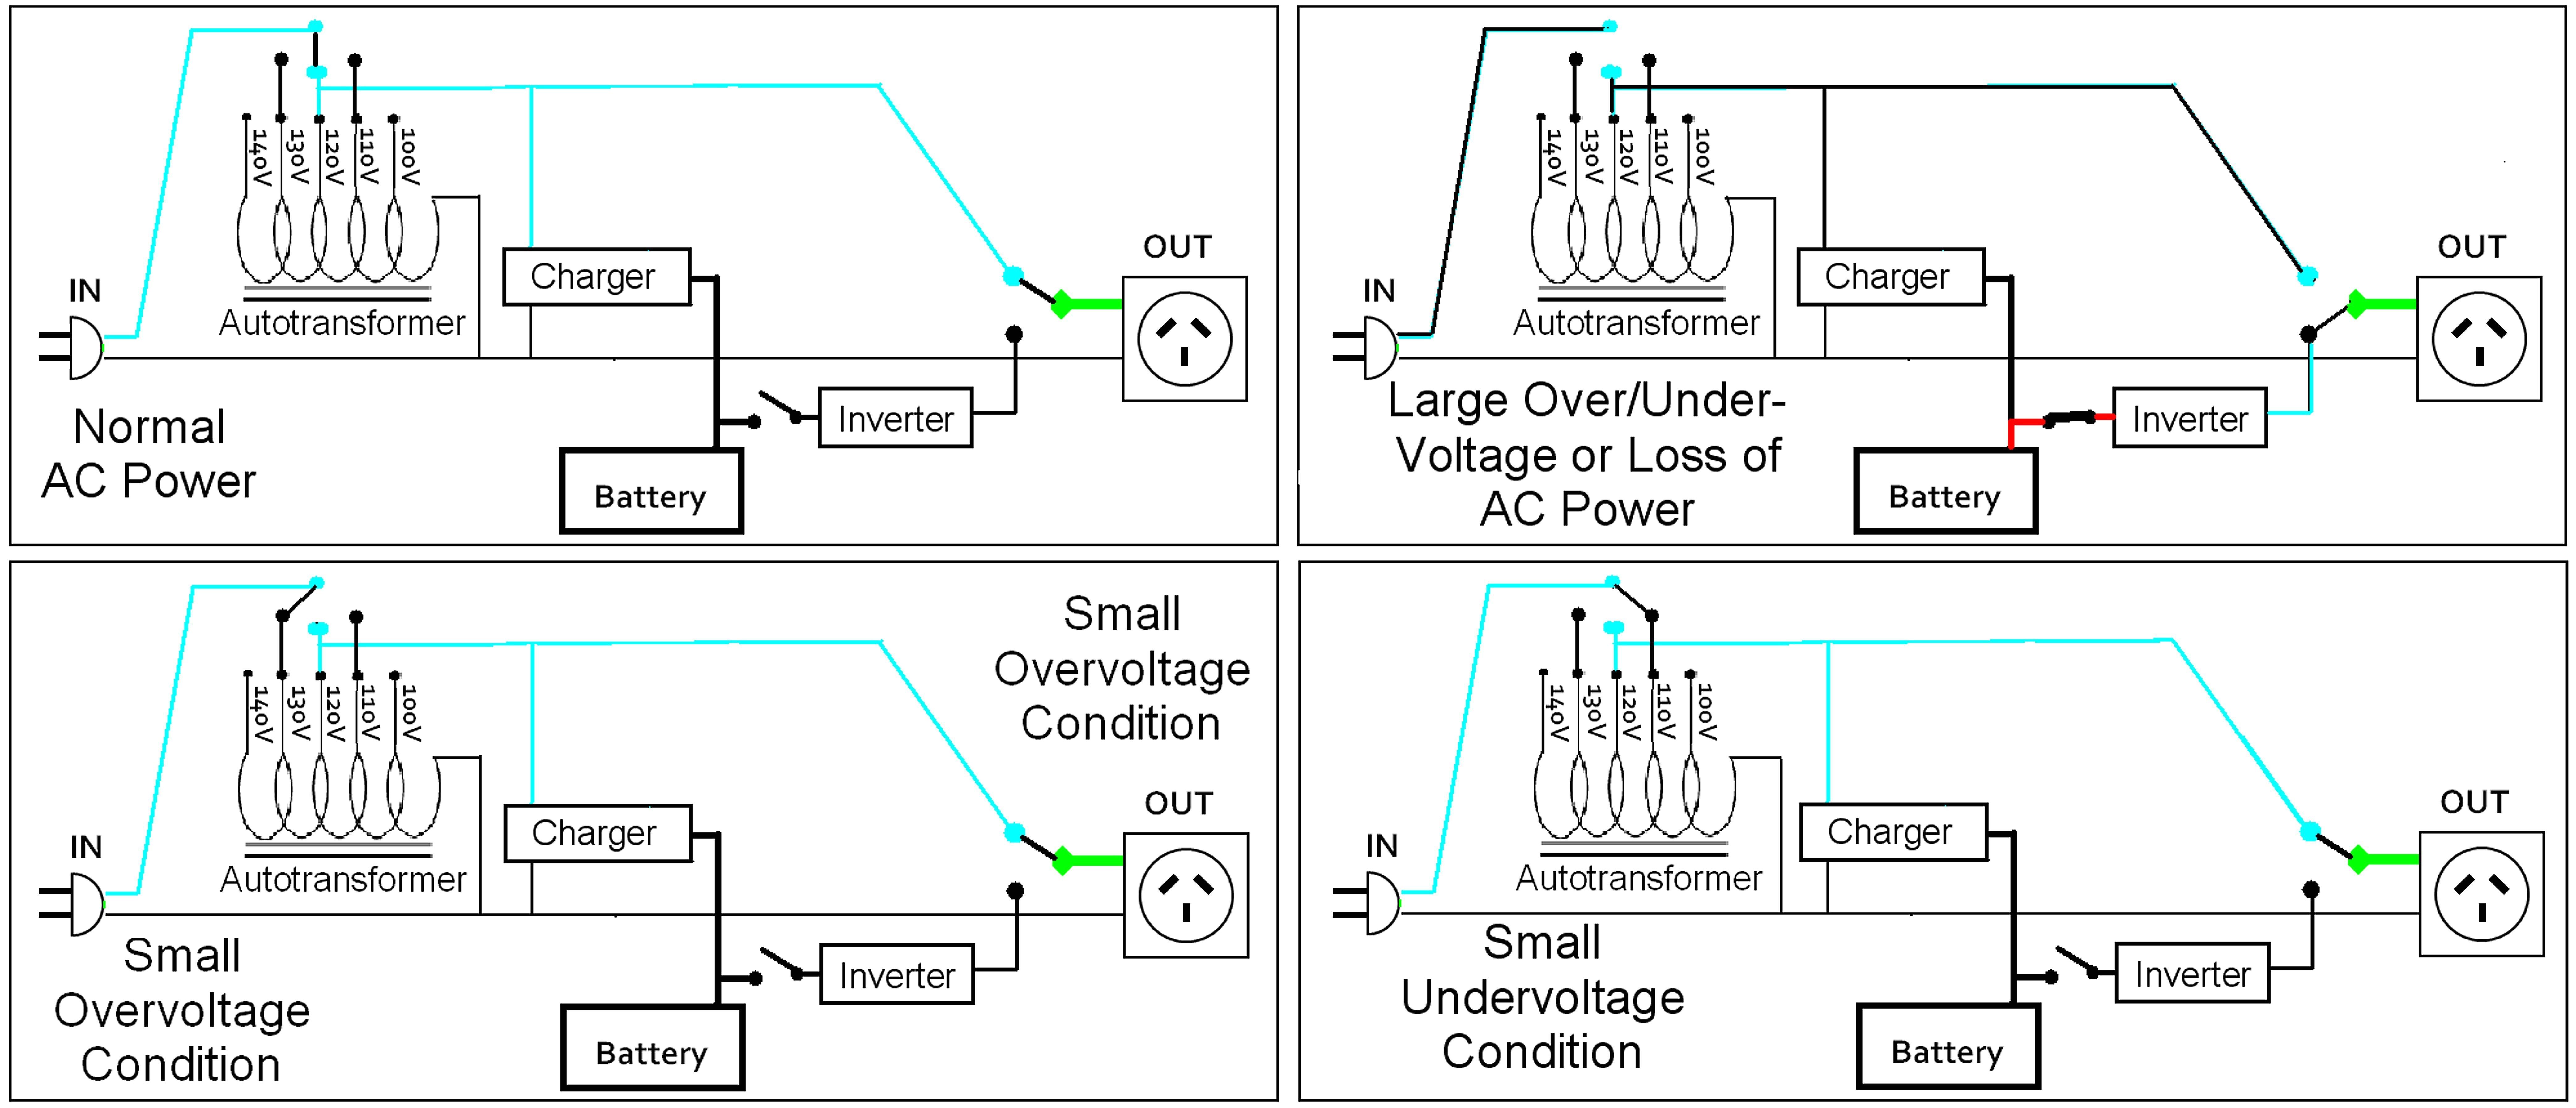 ac dpdt relay wiring diagram ladder wiring library 8 pole dpdt relay wiring diagram motorcycle headlight